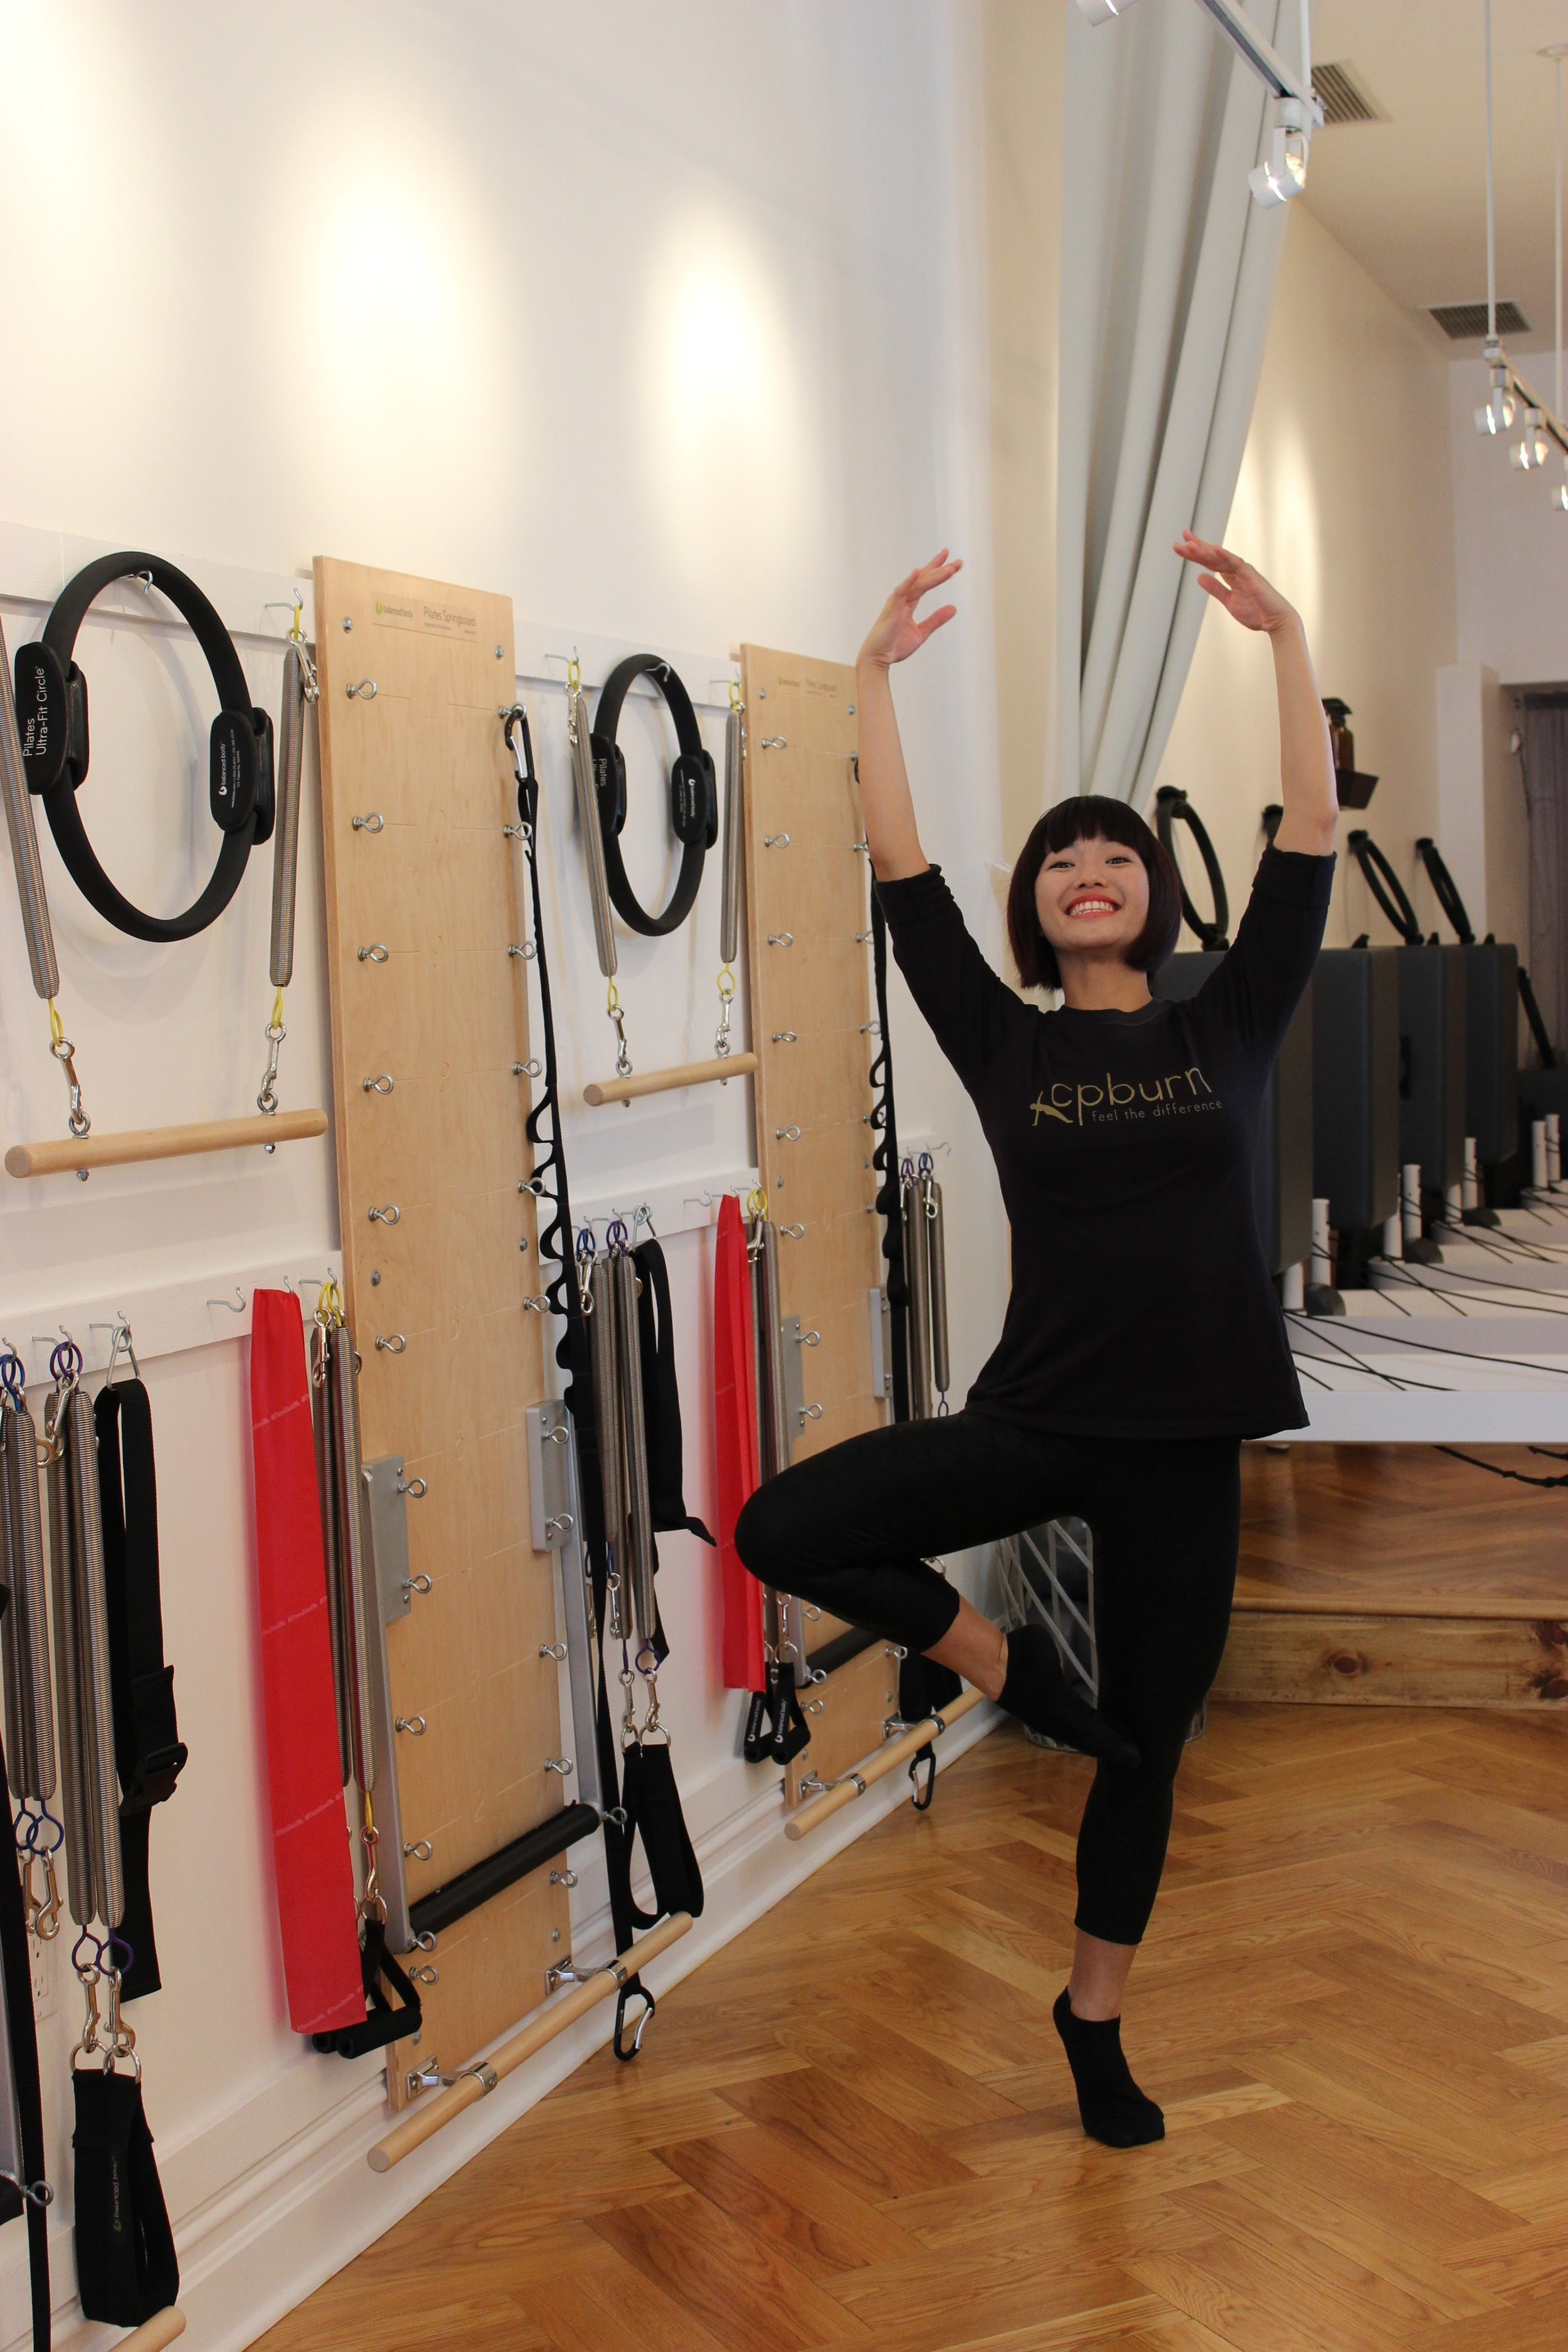 pilates-instructors-upper-east-side-sutton-place